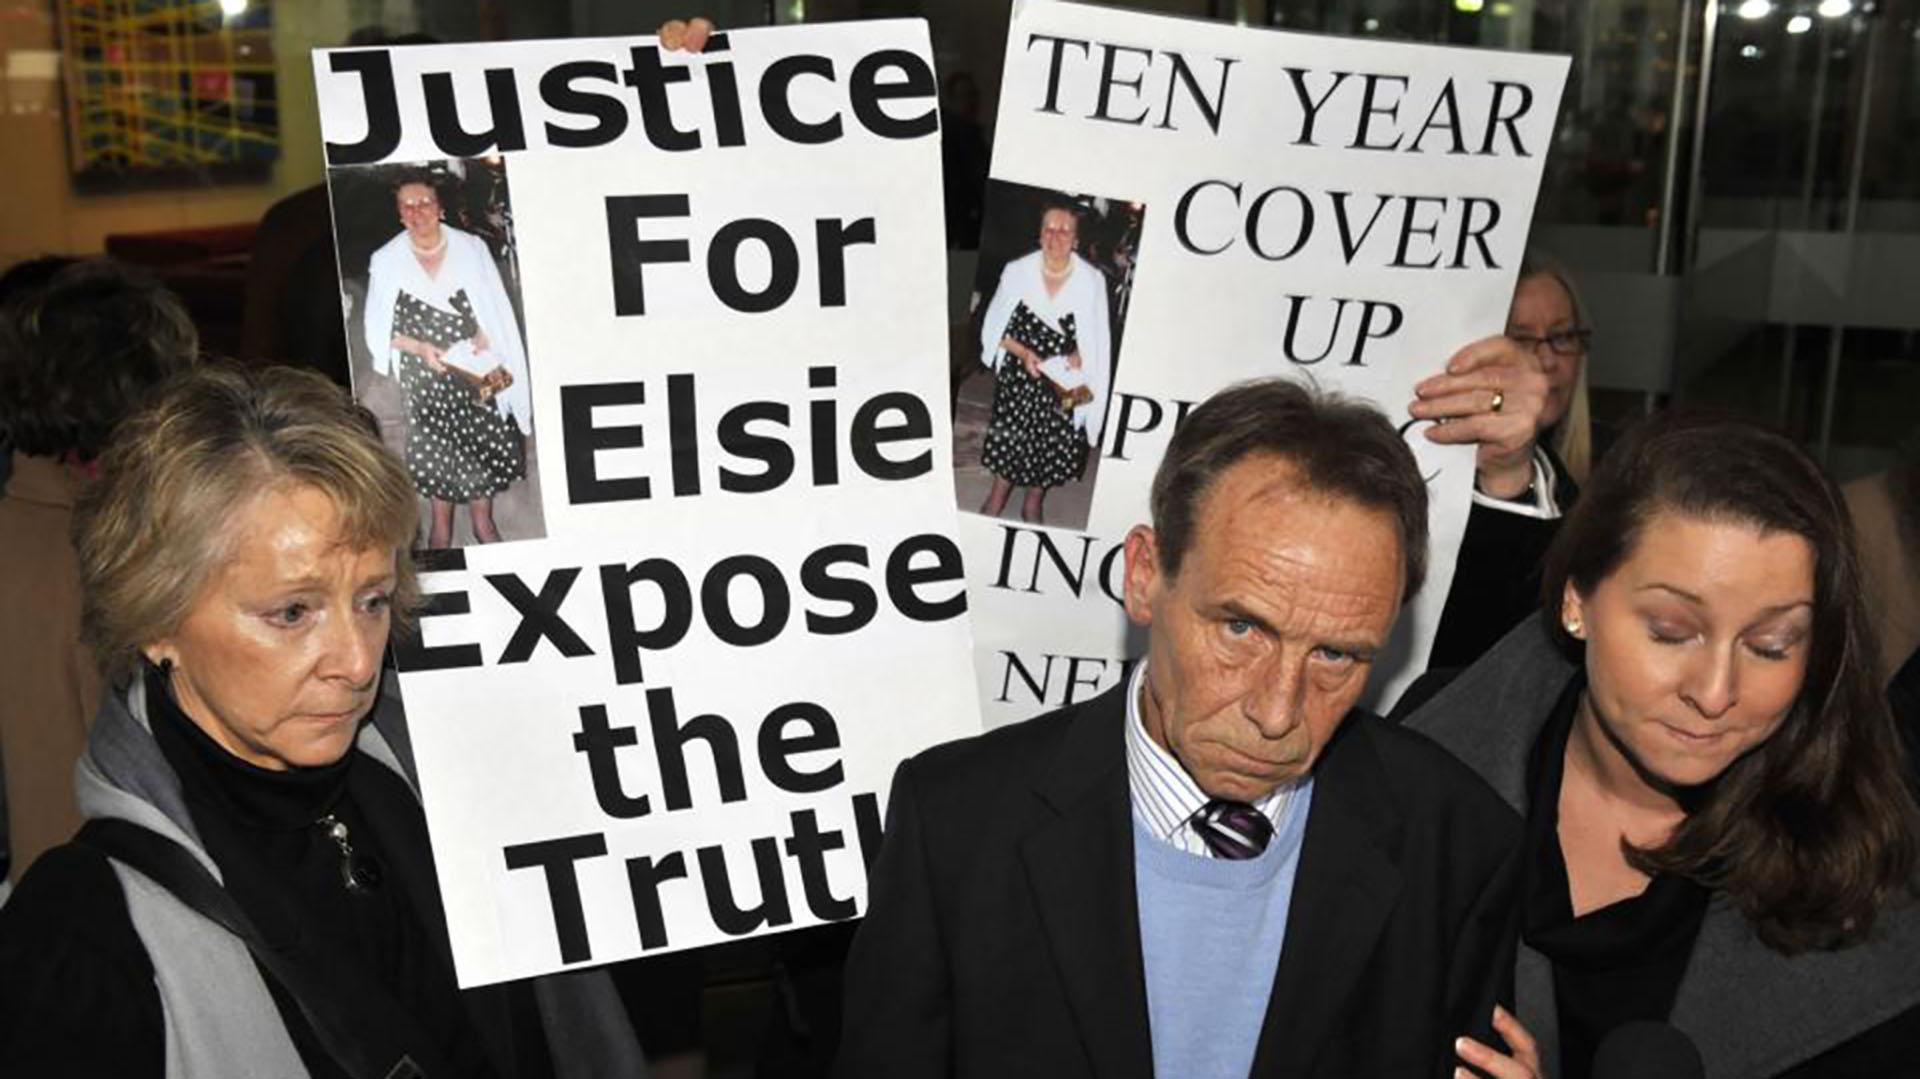 Familiares de las víctimas de la doctora Barton piden justicia (PA/The Telegraph)